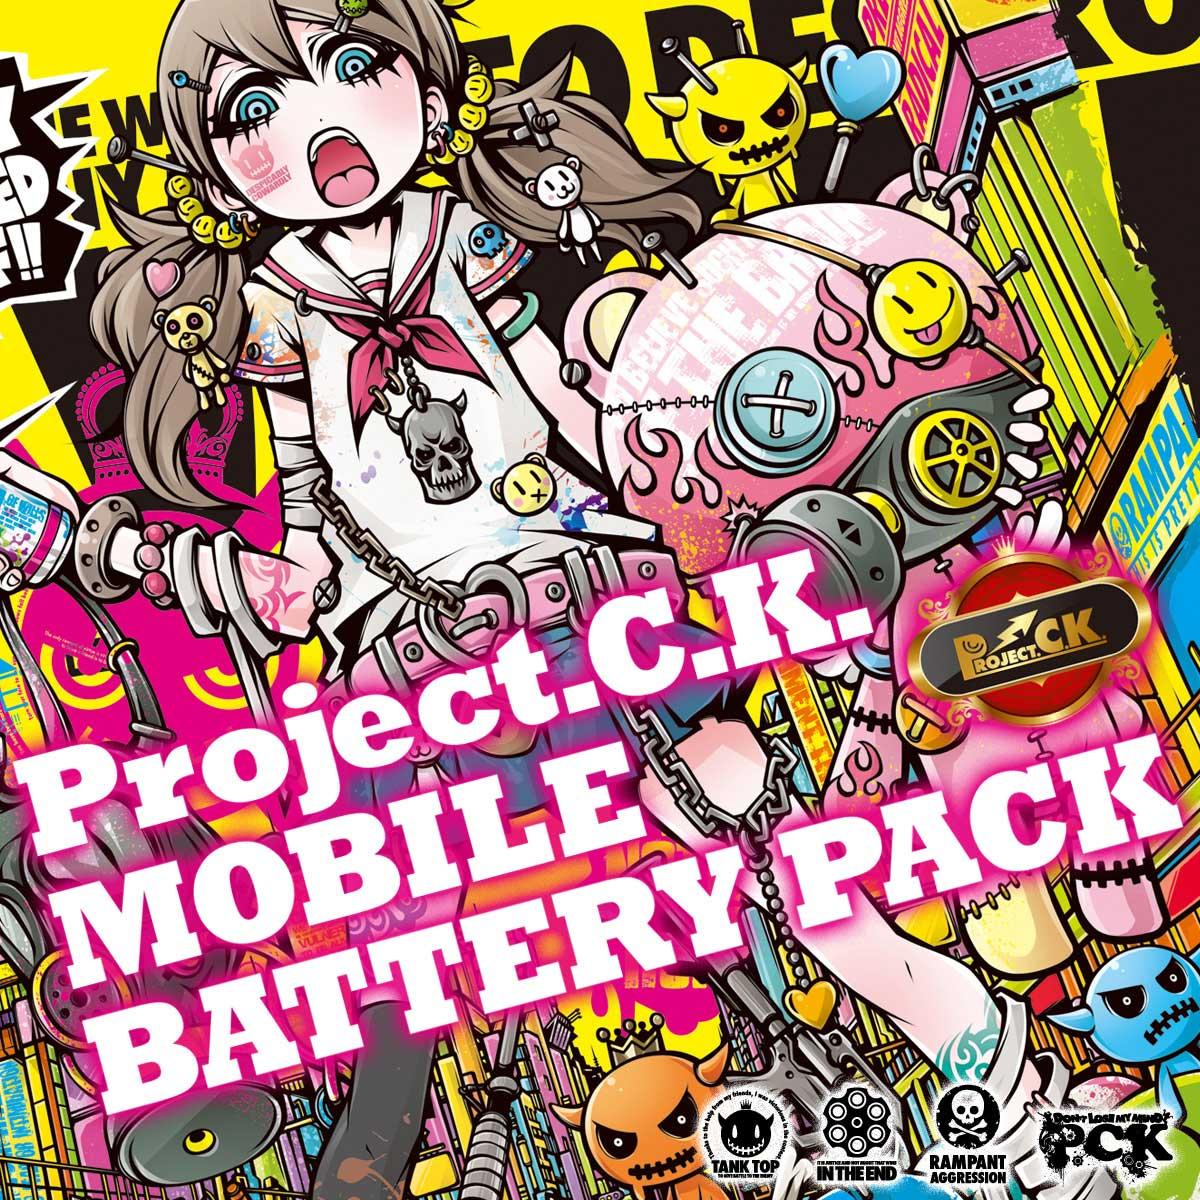 モバイルバッテリー 大容量 軽量 極薄 iPhone iPhone6 plus iPhone6s android スマホ 充電器 スマートフォン モバイル バッテリー 携帯充電器 充電 作家 Project.C.K. bt-012-s